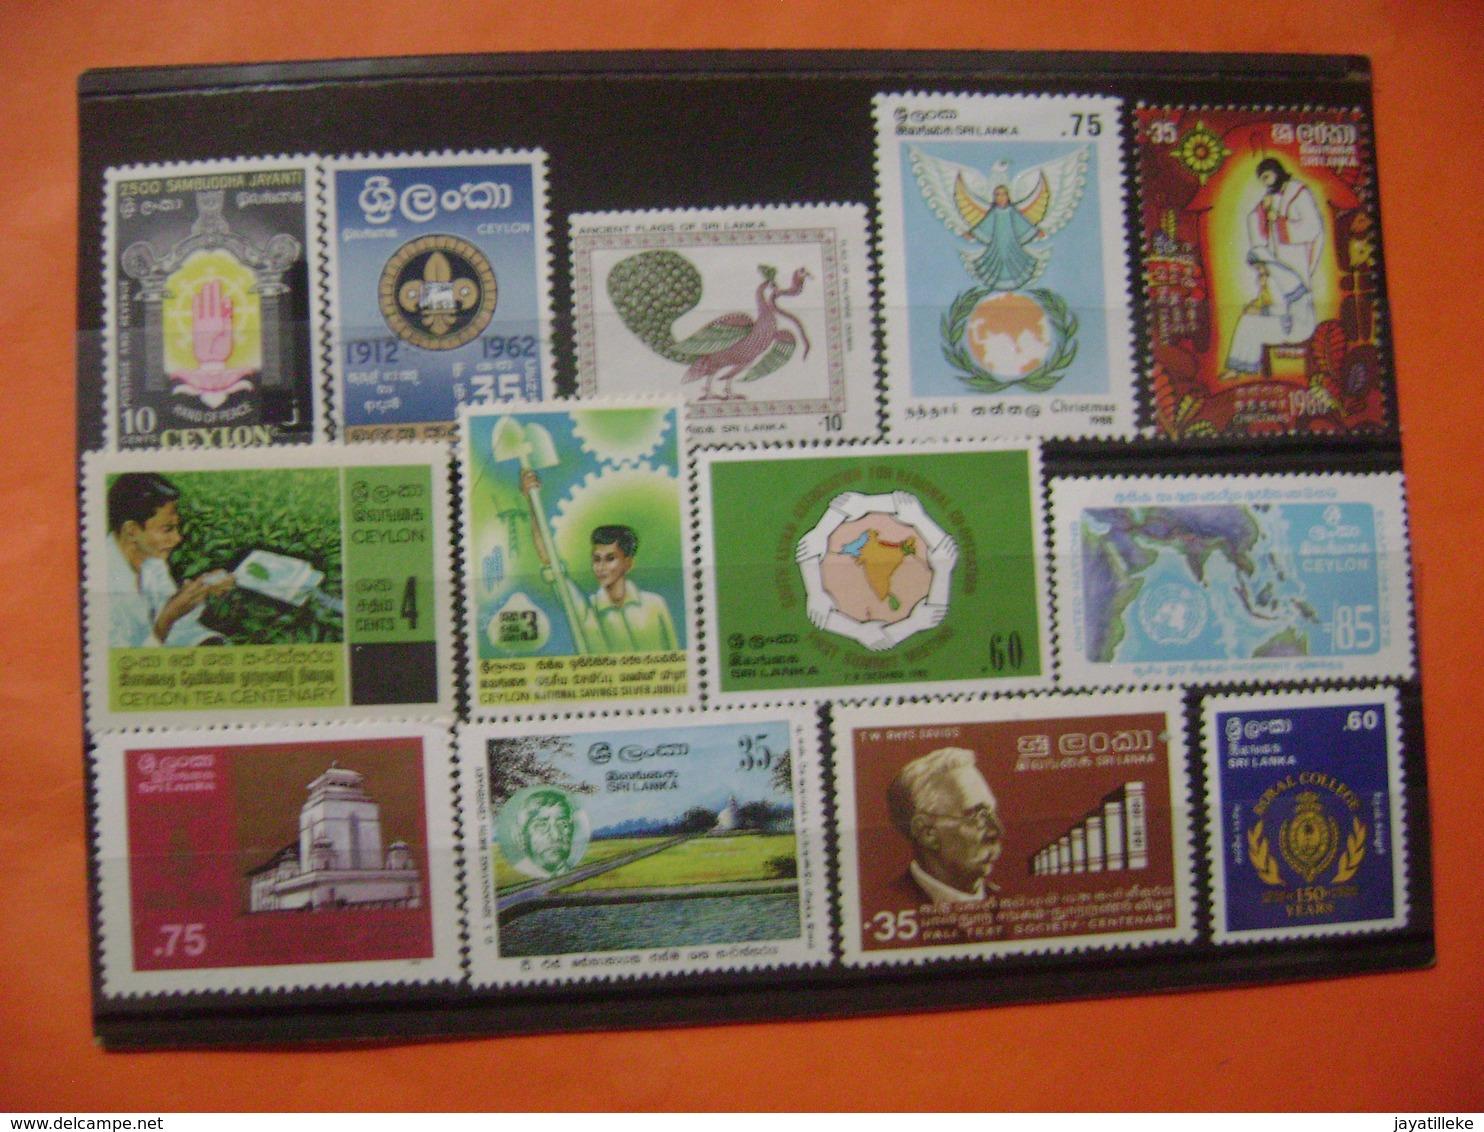 SRI LANKA (CEYLON)   13 RARE TO FIND AND VALUABLE STAMPS MINT. - Sri Lanka (Ceylon) (1948-...)